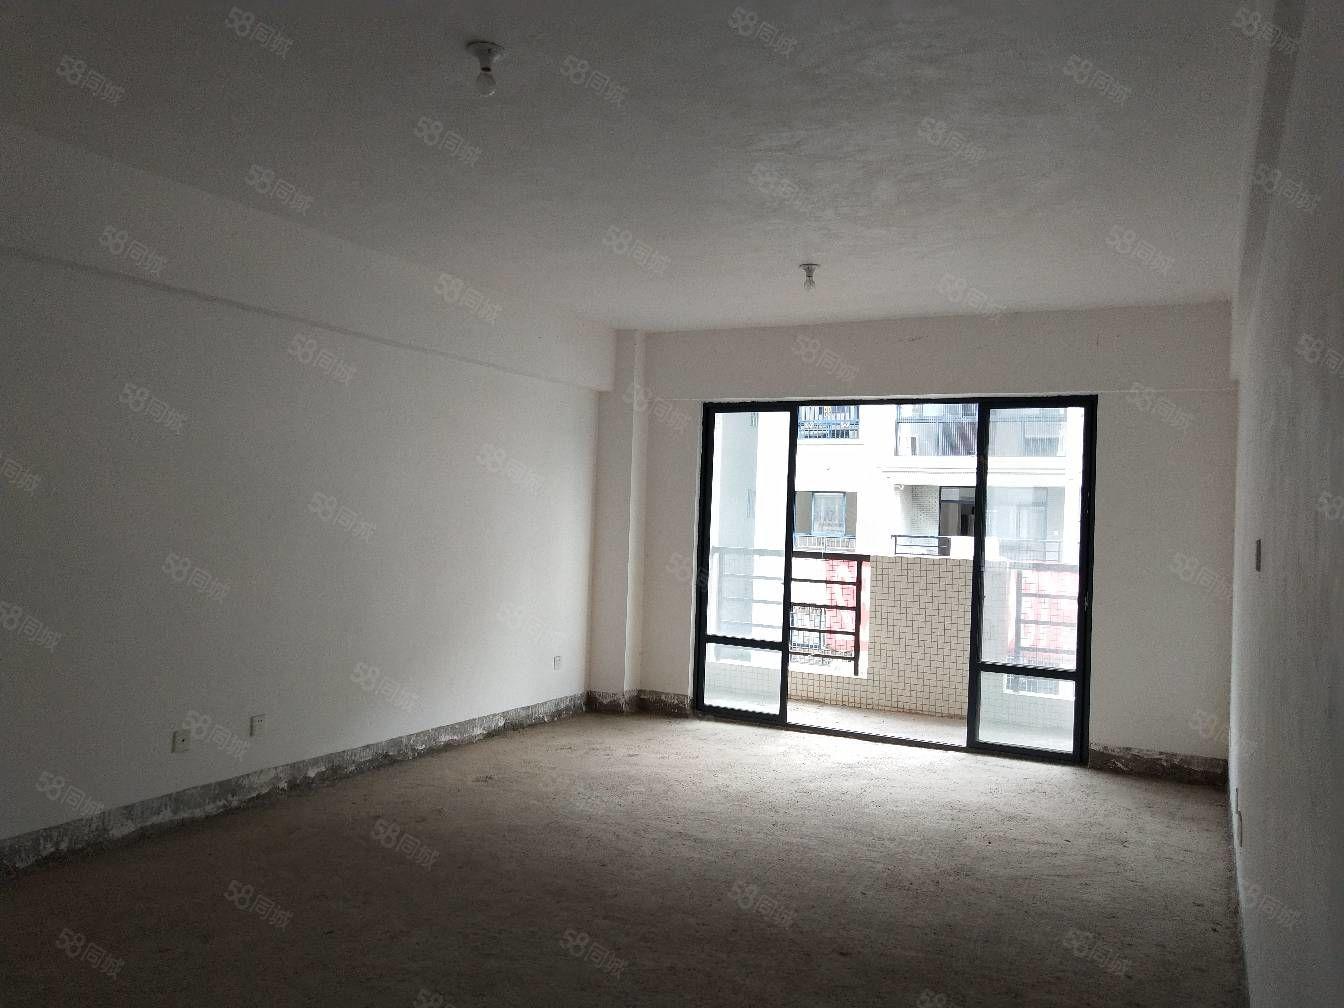 瓦子街毛坯3房出售,带车位,有杂物间,学校就在家门口